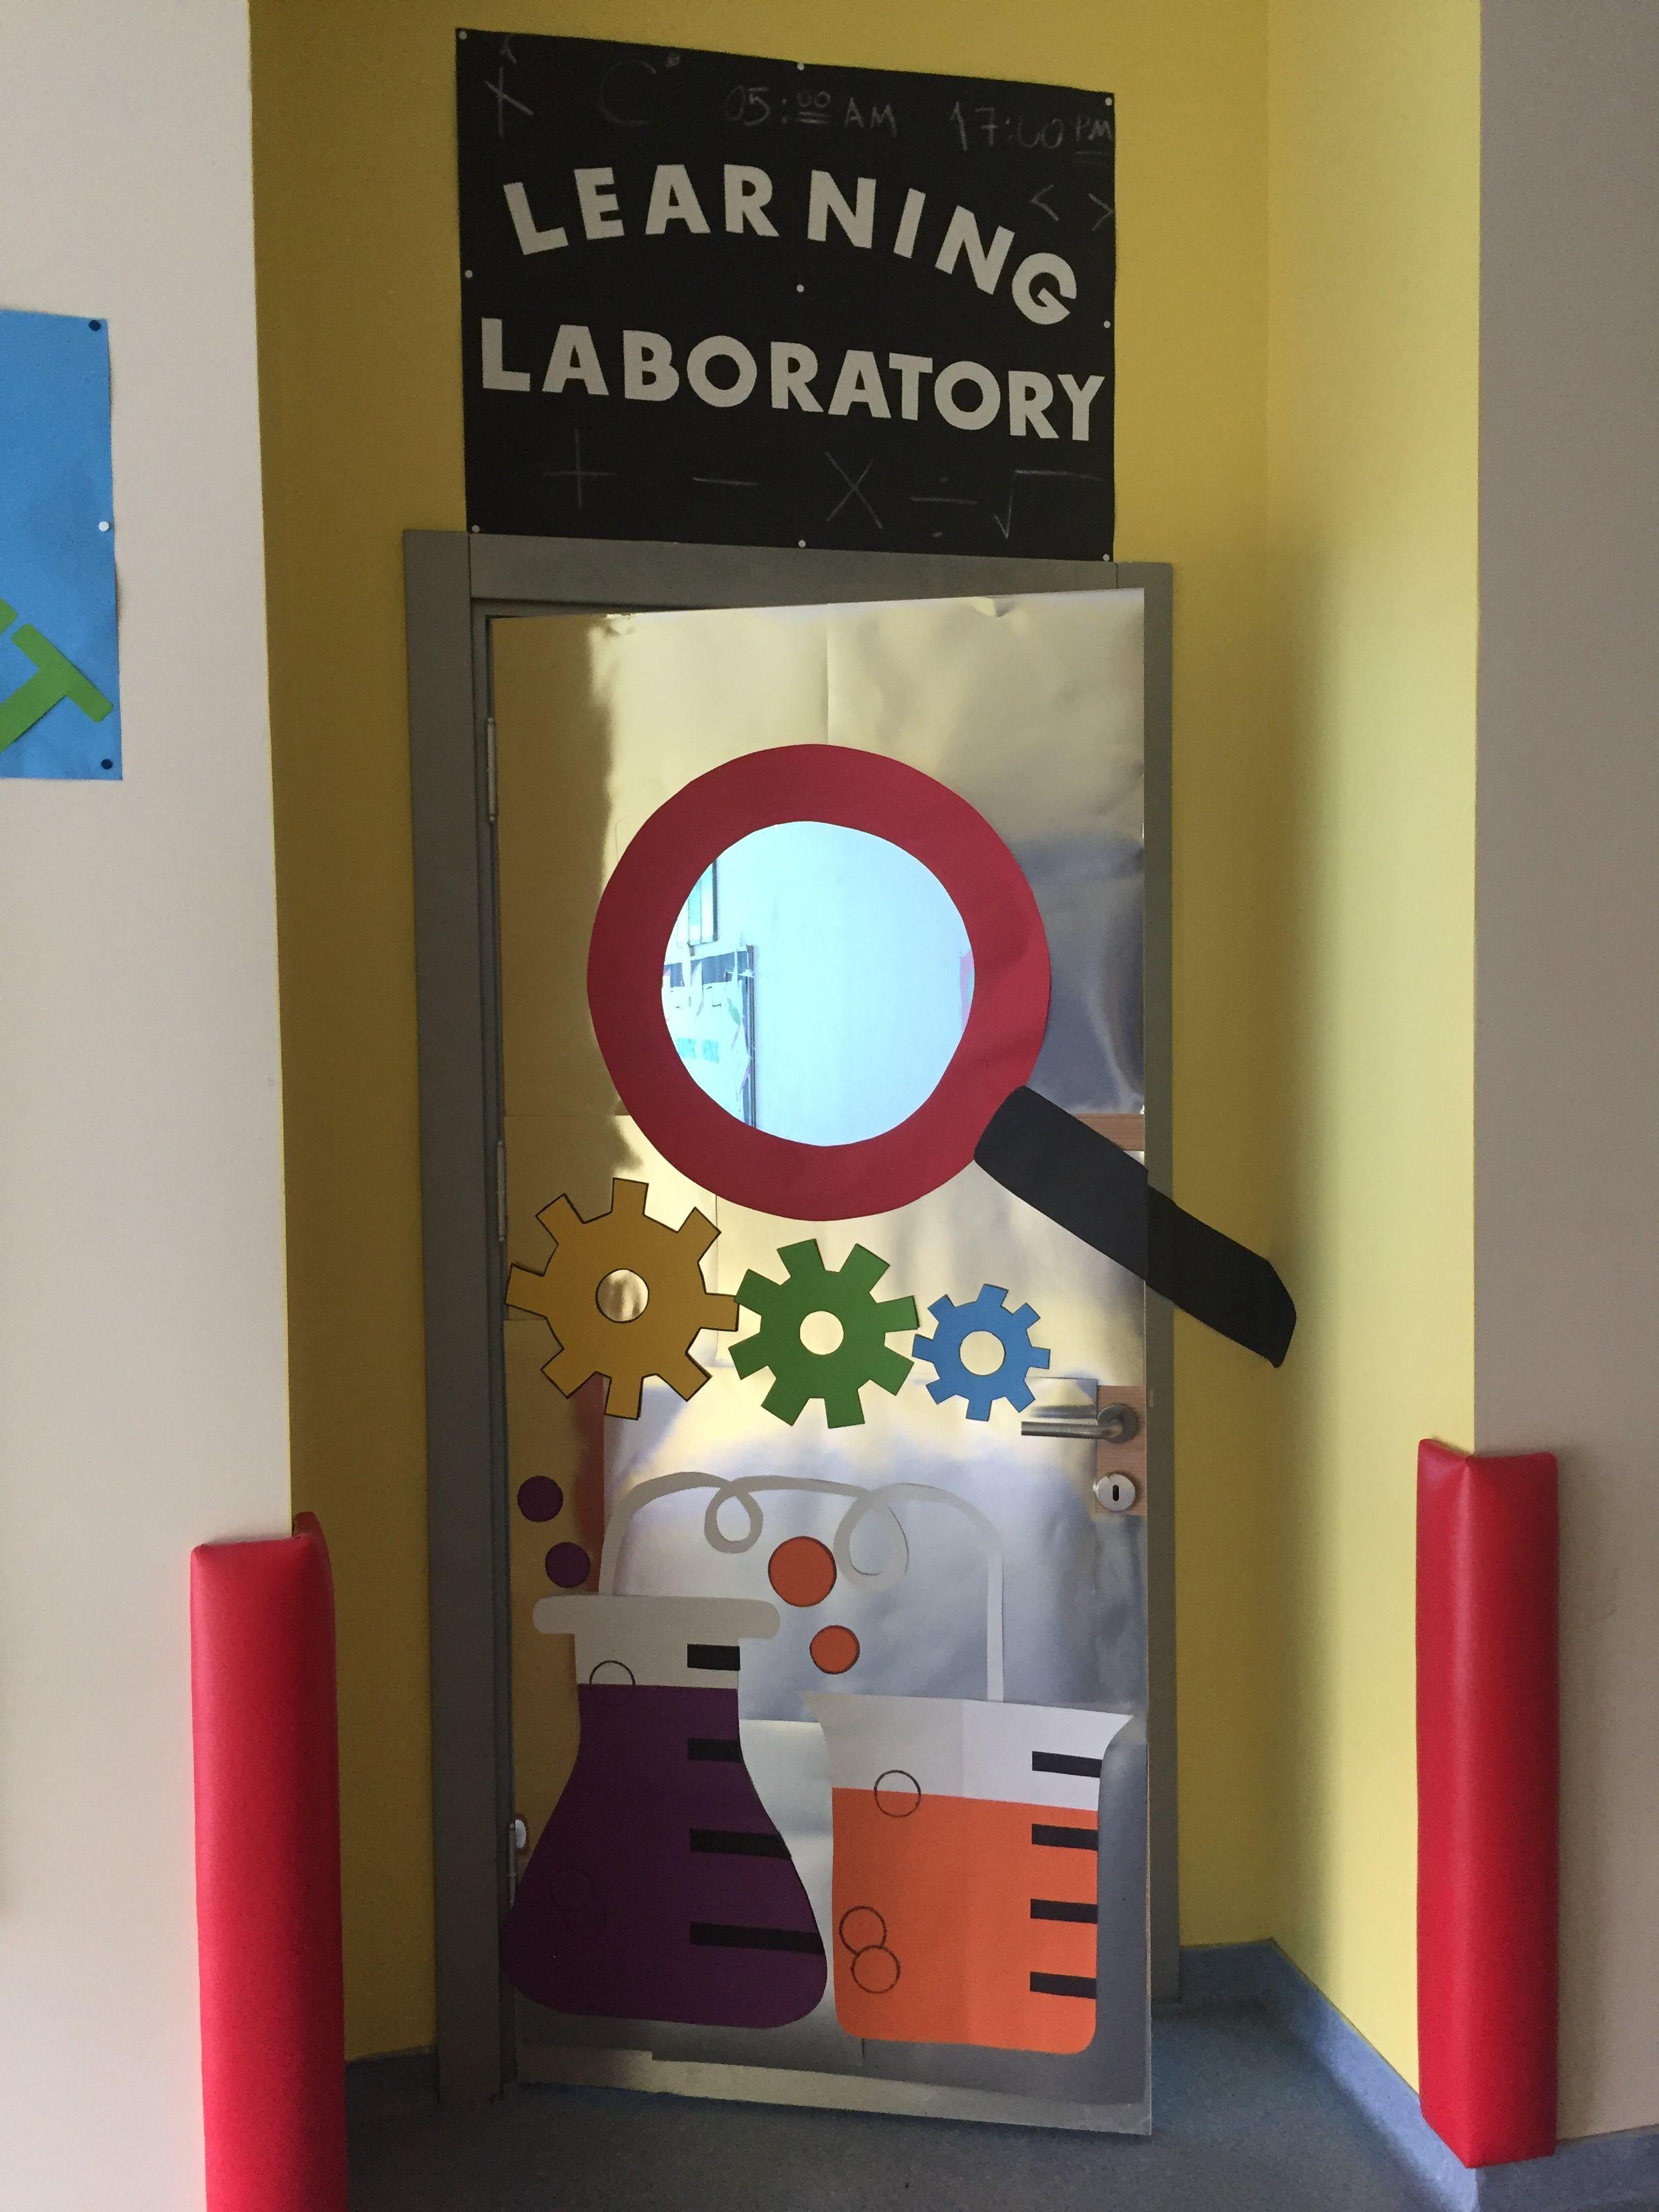 Puerta | puerta mc en 2018 | Pinterest | Ciencia, Experimento y Salón